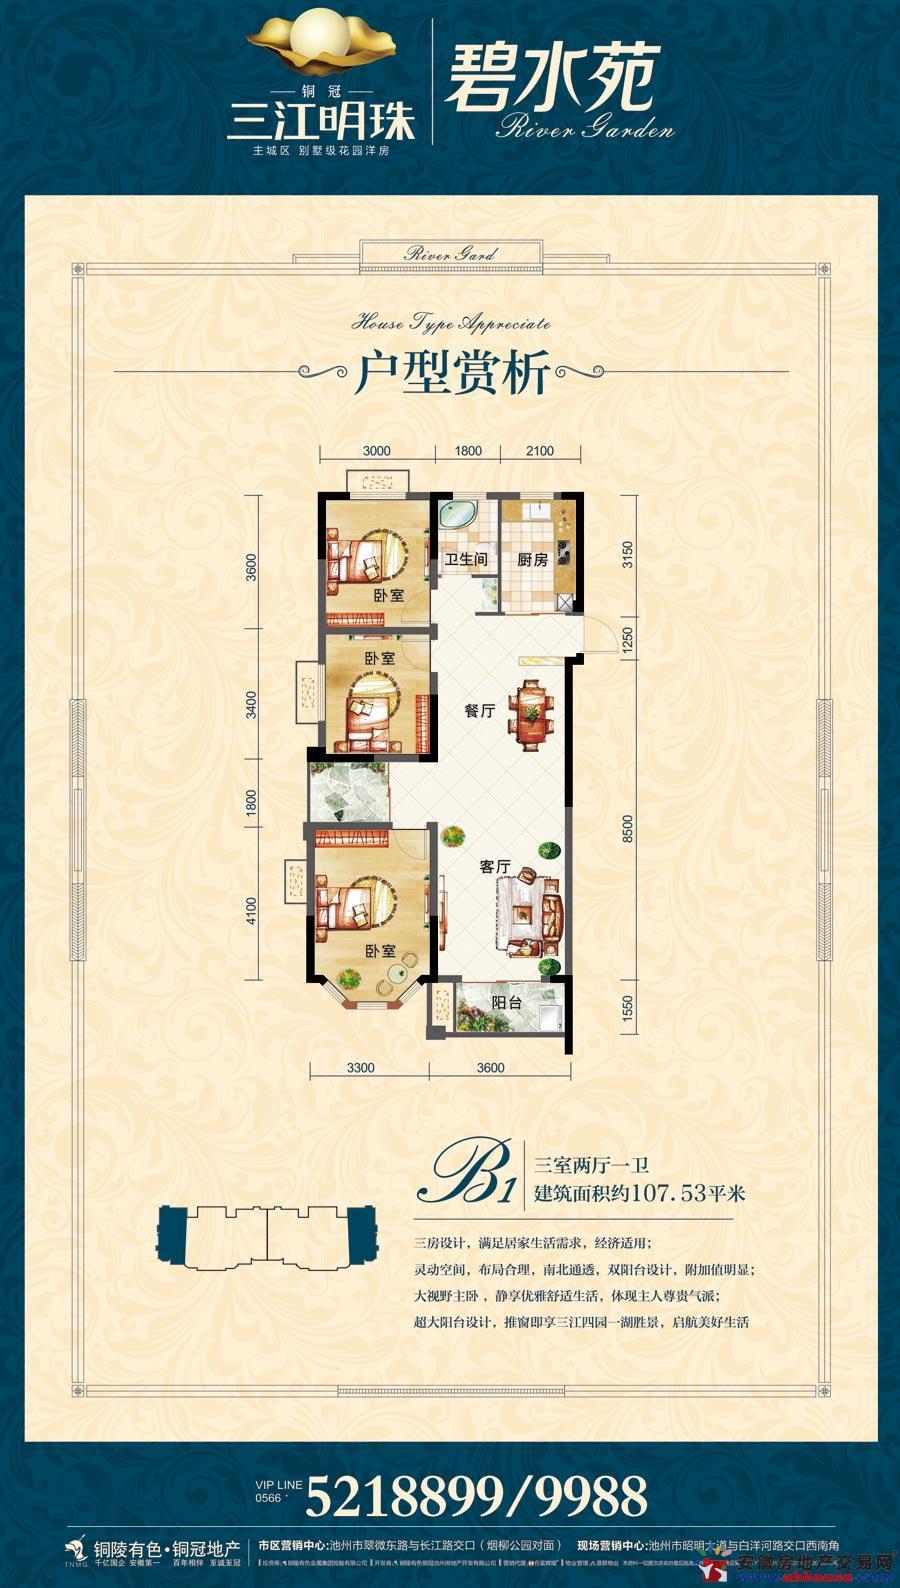 铜冠三江明珠_3室2厅1卫厨